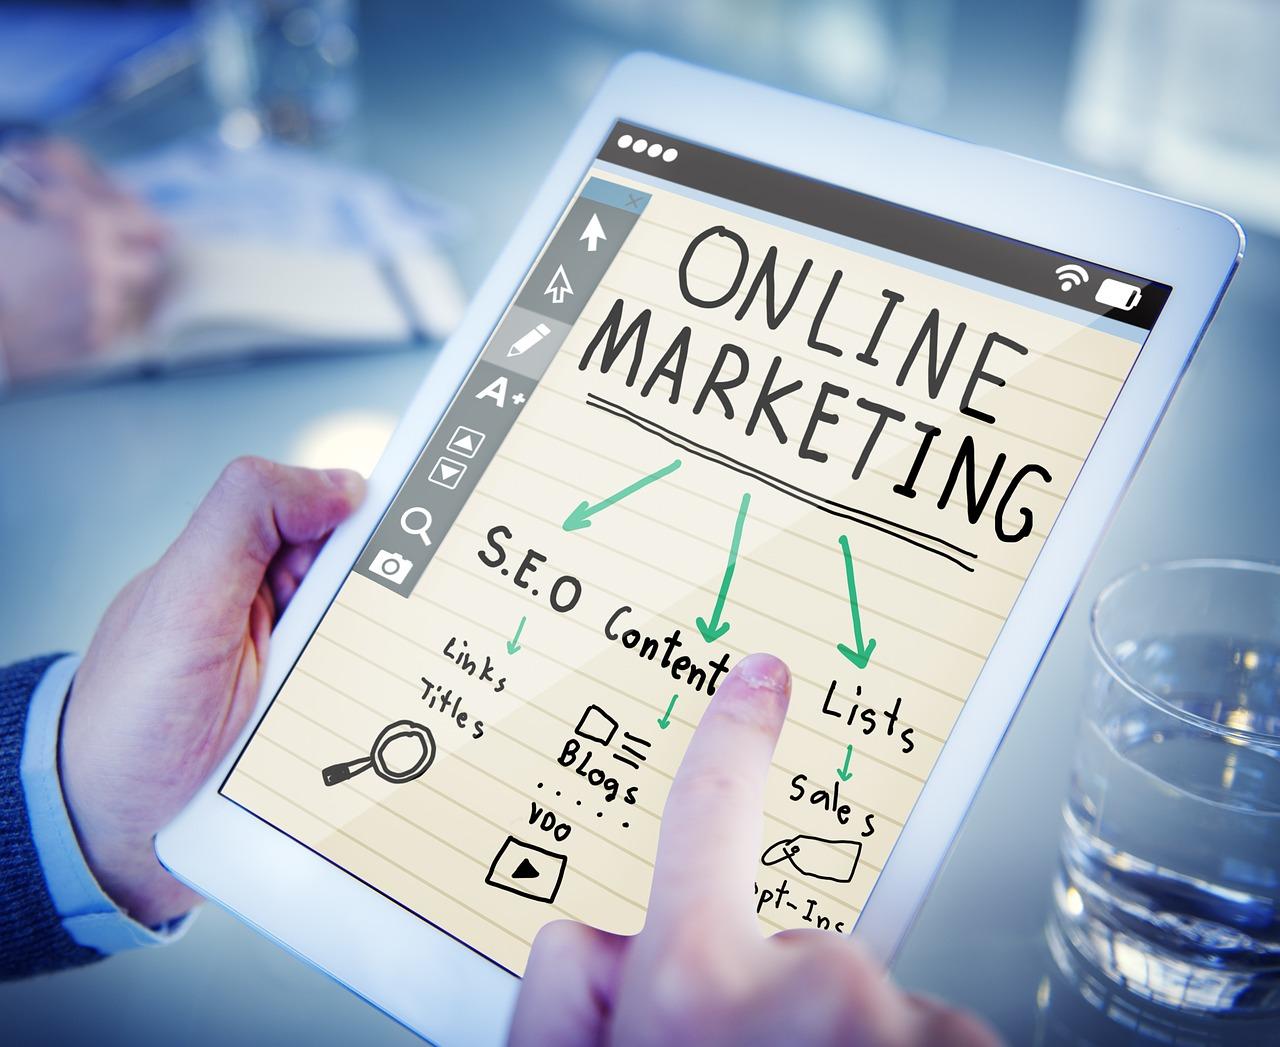 Online Marketing Services – ein Berufsfeld mit Zukunft